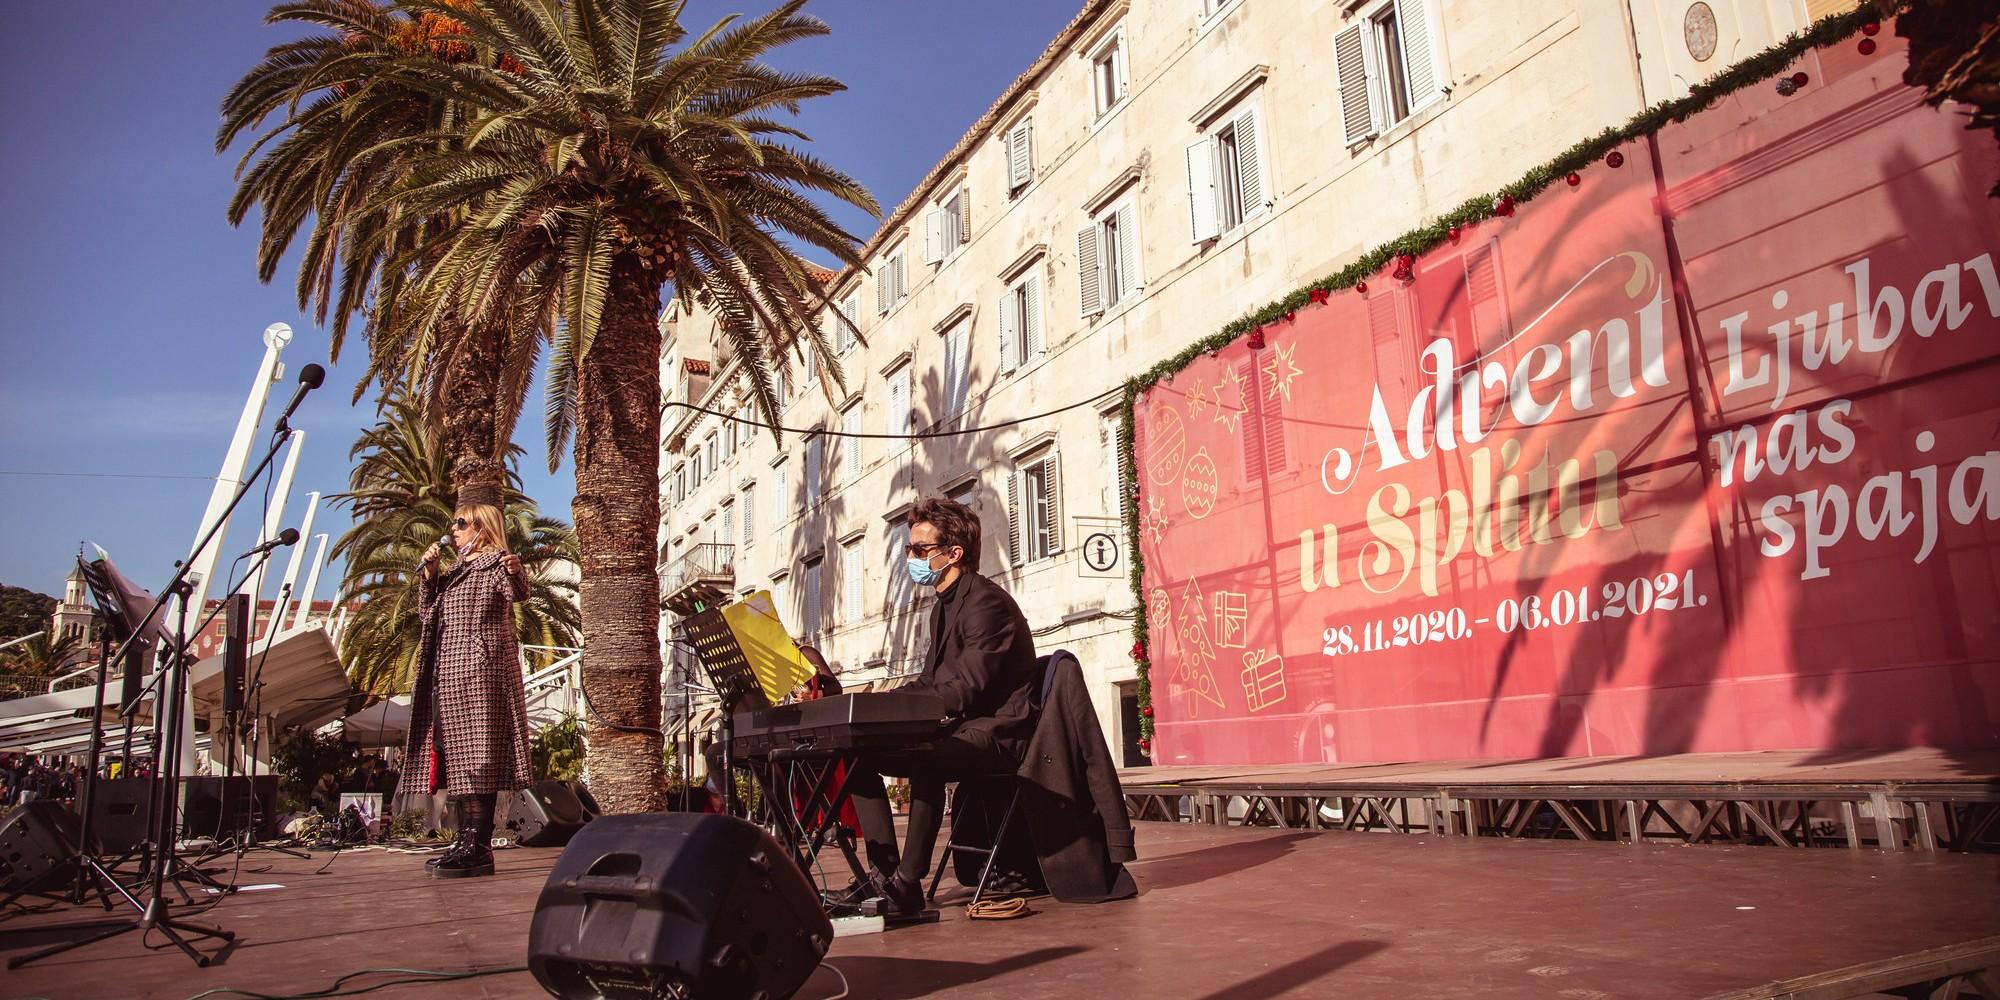 Turistička zajednica grada Splita: Ovogodišnje adventske aktivnosti gotovo u potpunosti smo preselili na digitalne kanale